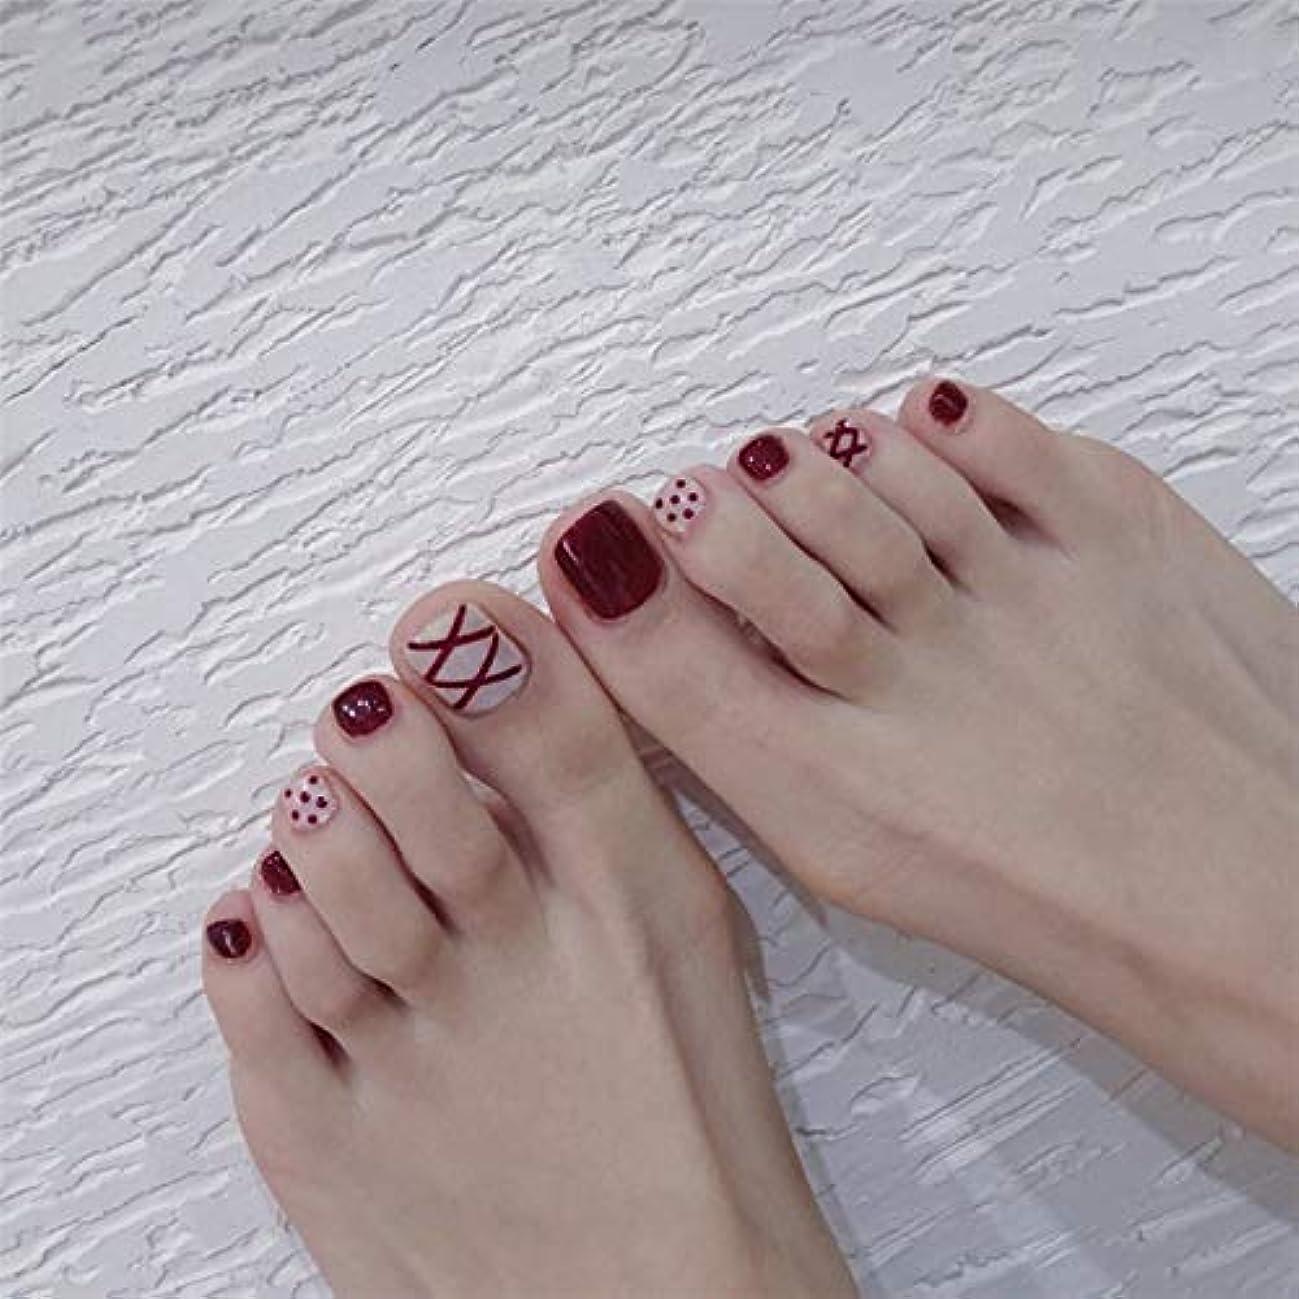 創造下るアクションネイルチップ 24枚 12別サイズ つや 足の爪 ピンク 短い 四角形 フルカバー 水玉